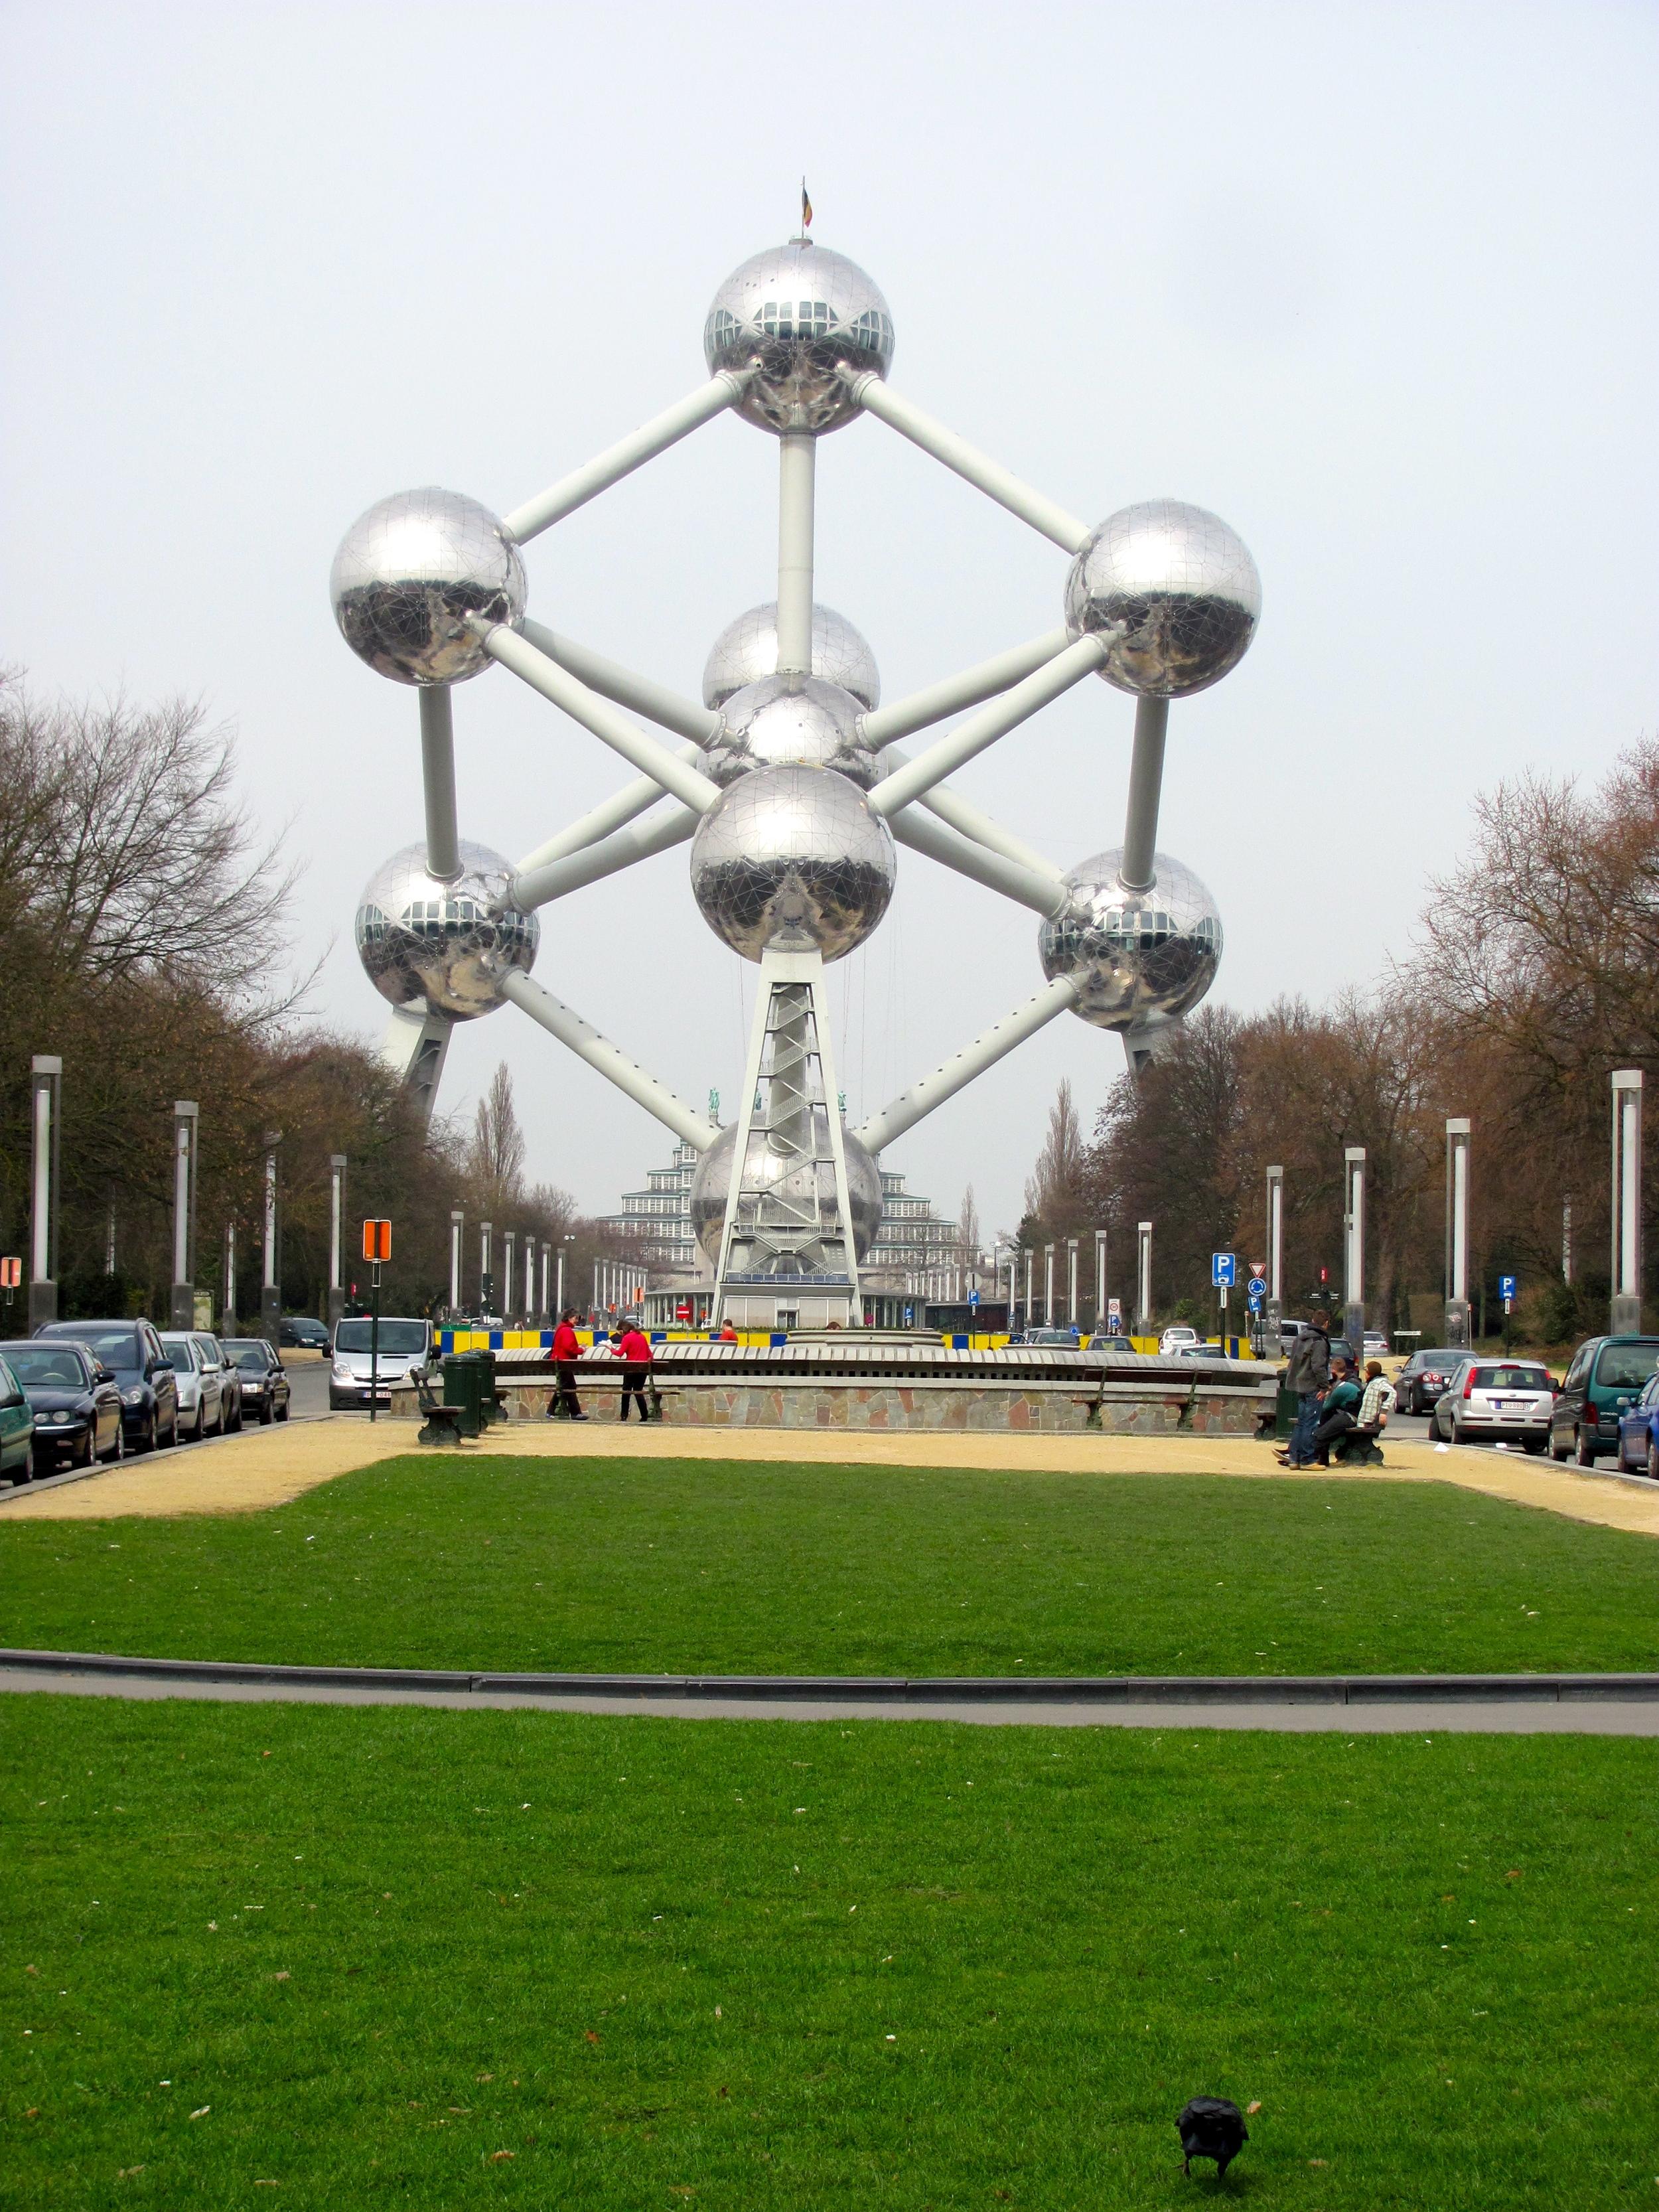 Atomium, Brussels, Belgium, VHS 2010